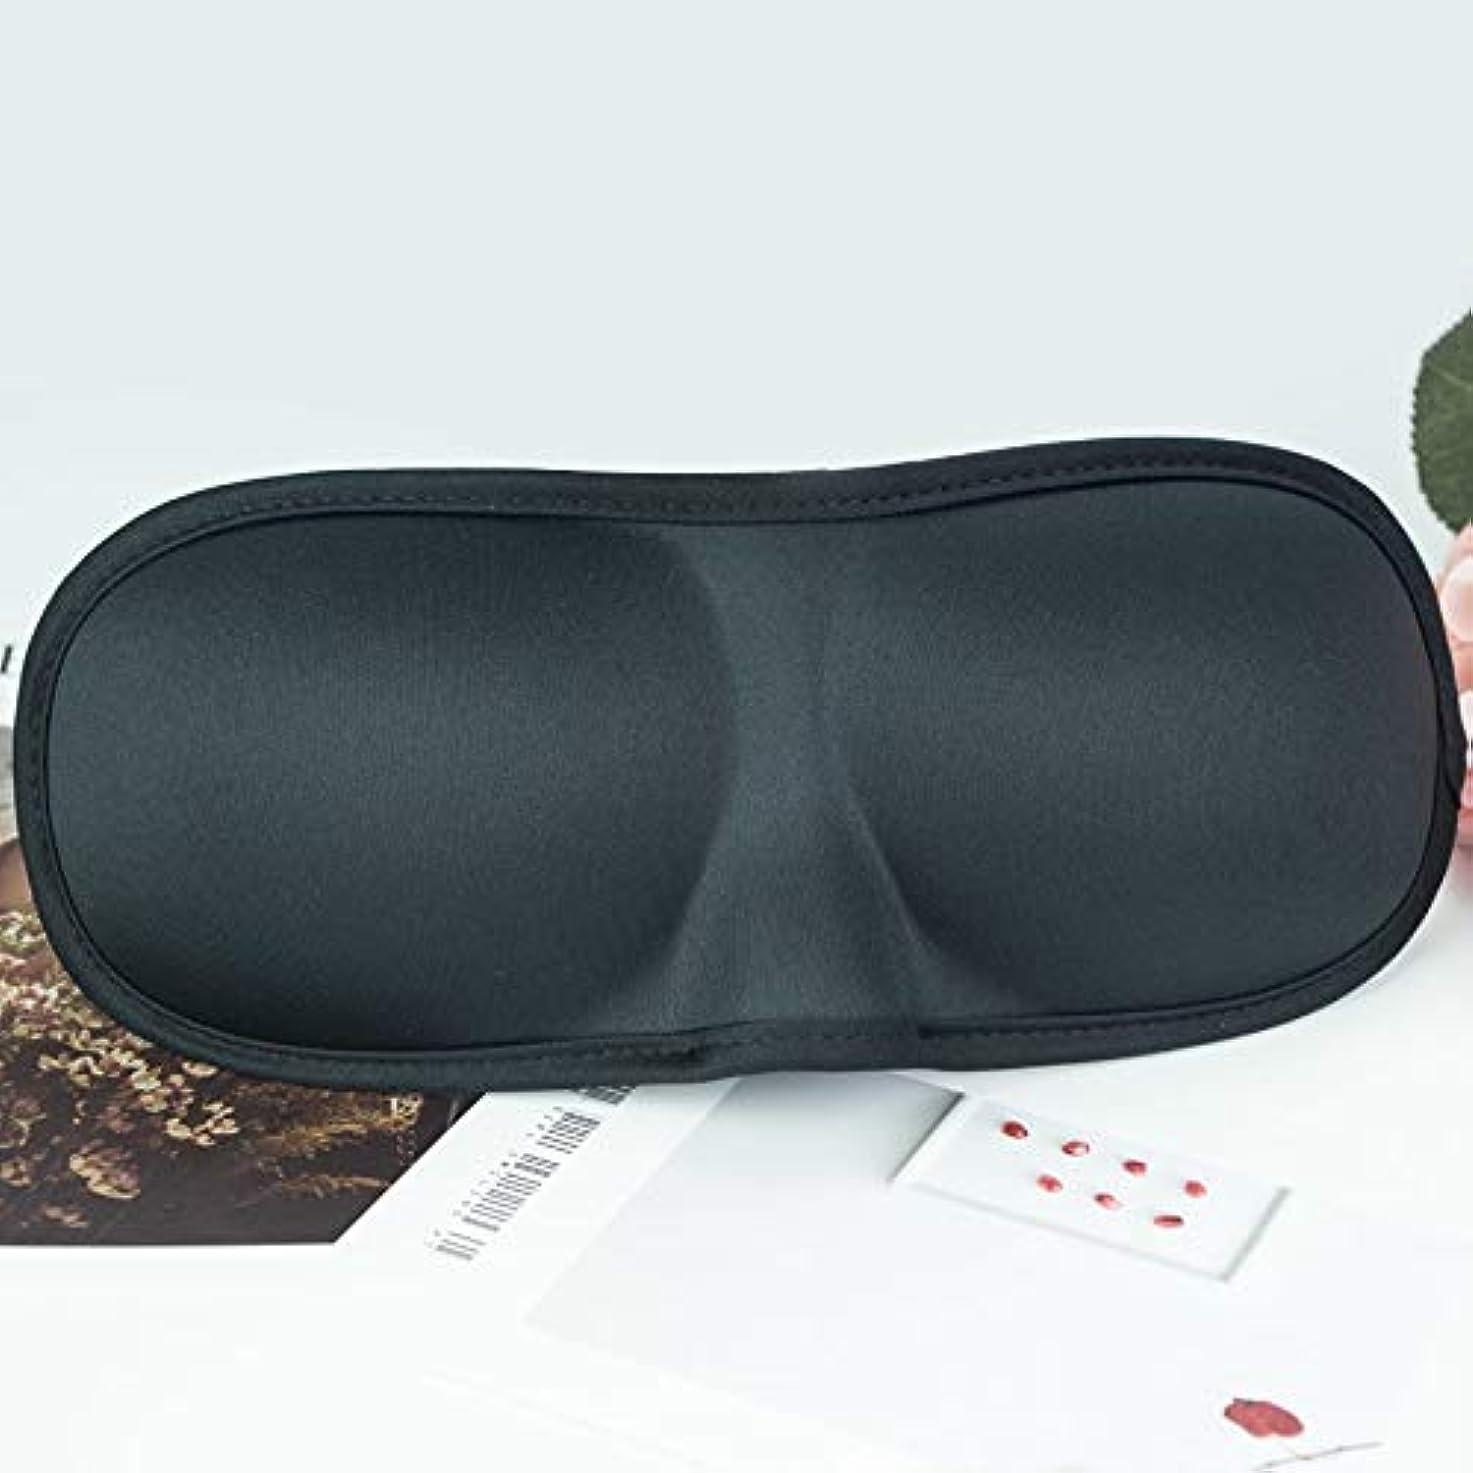 無駄ホームレス移住するNOTE 高品質3d睡眠アイマスク睡眠補助アイシェードポータブル旅行睡眠休息アイマスクカバーアイパッチ目隠し睡眠マスク